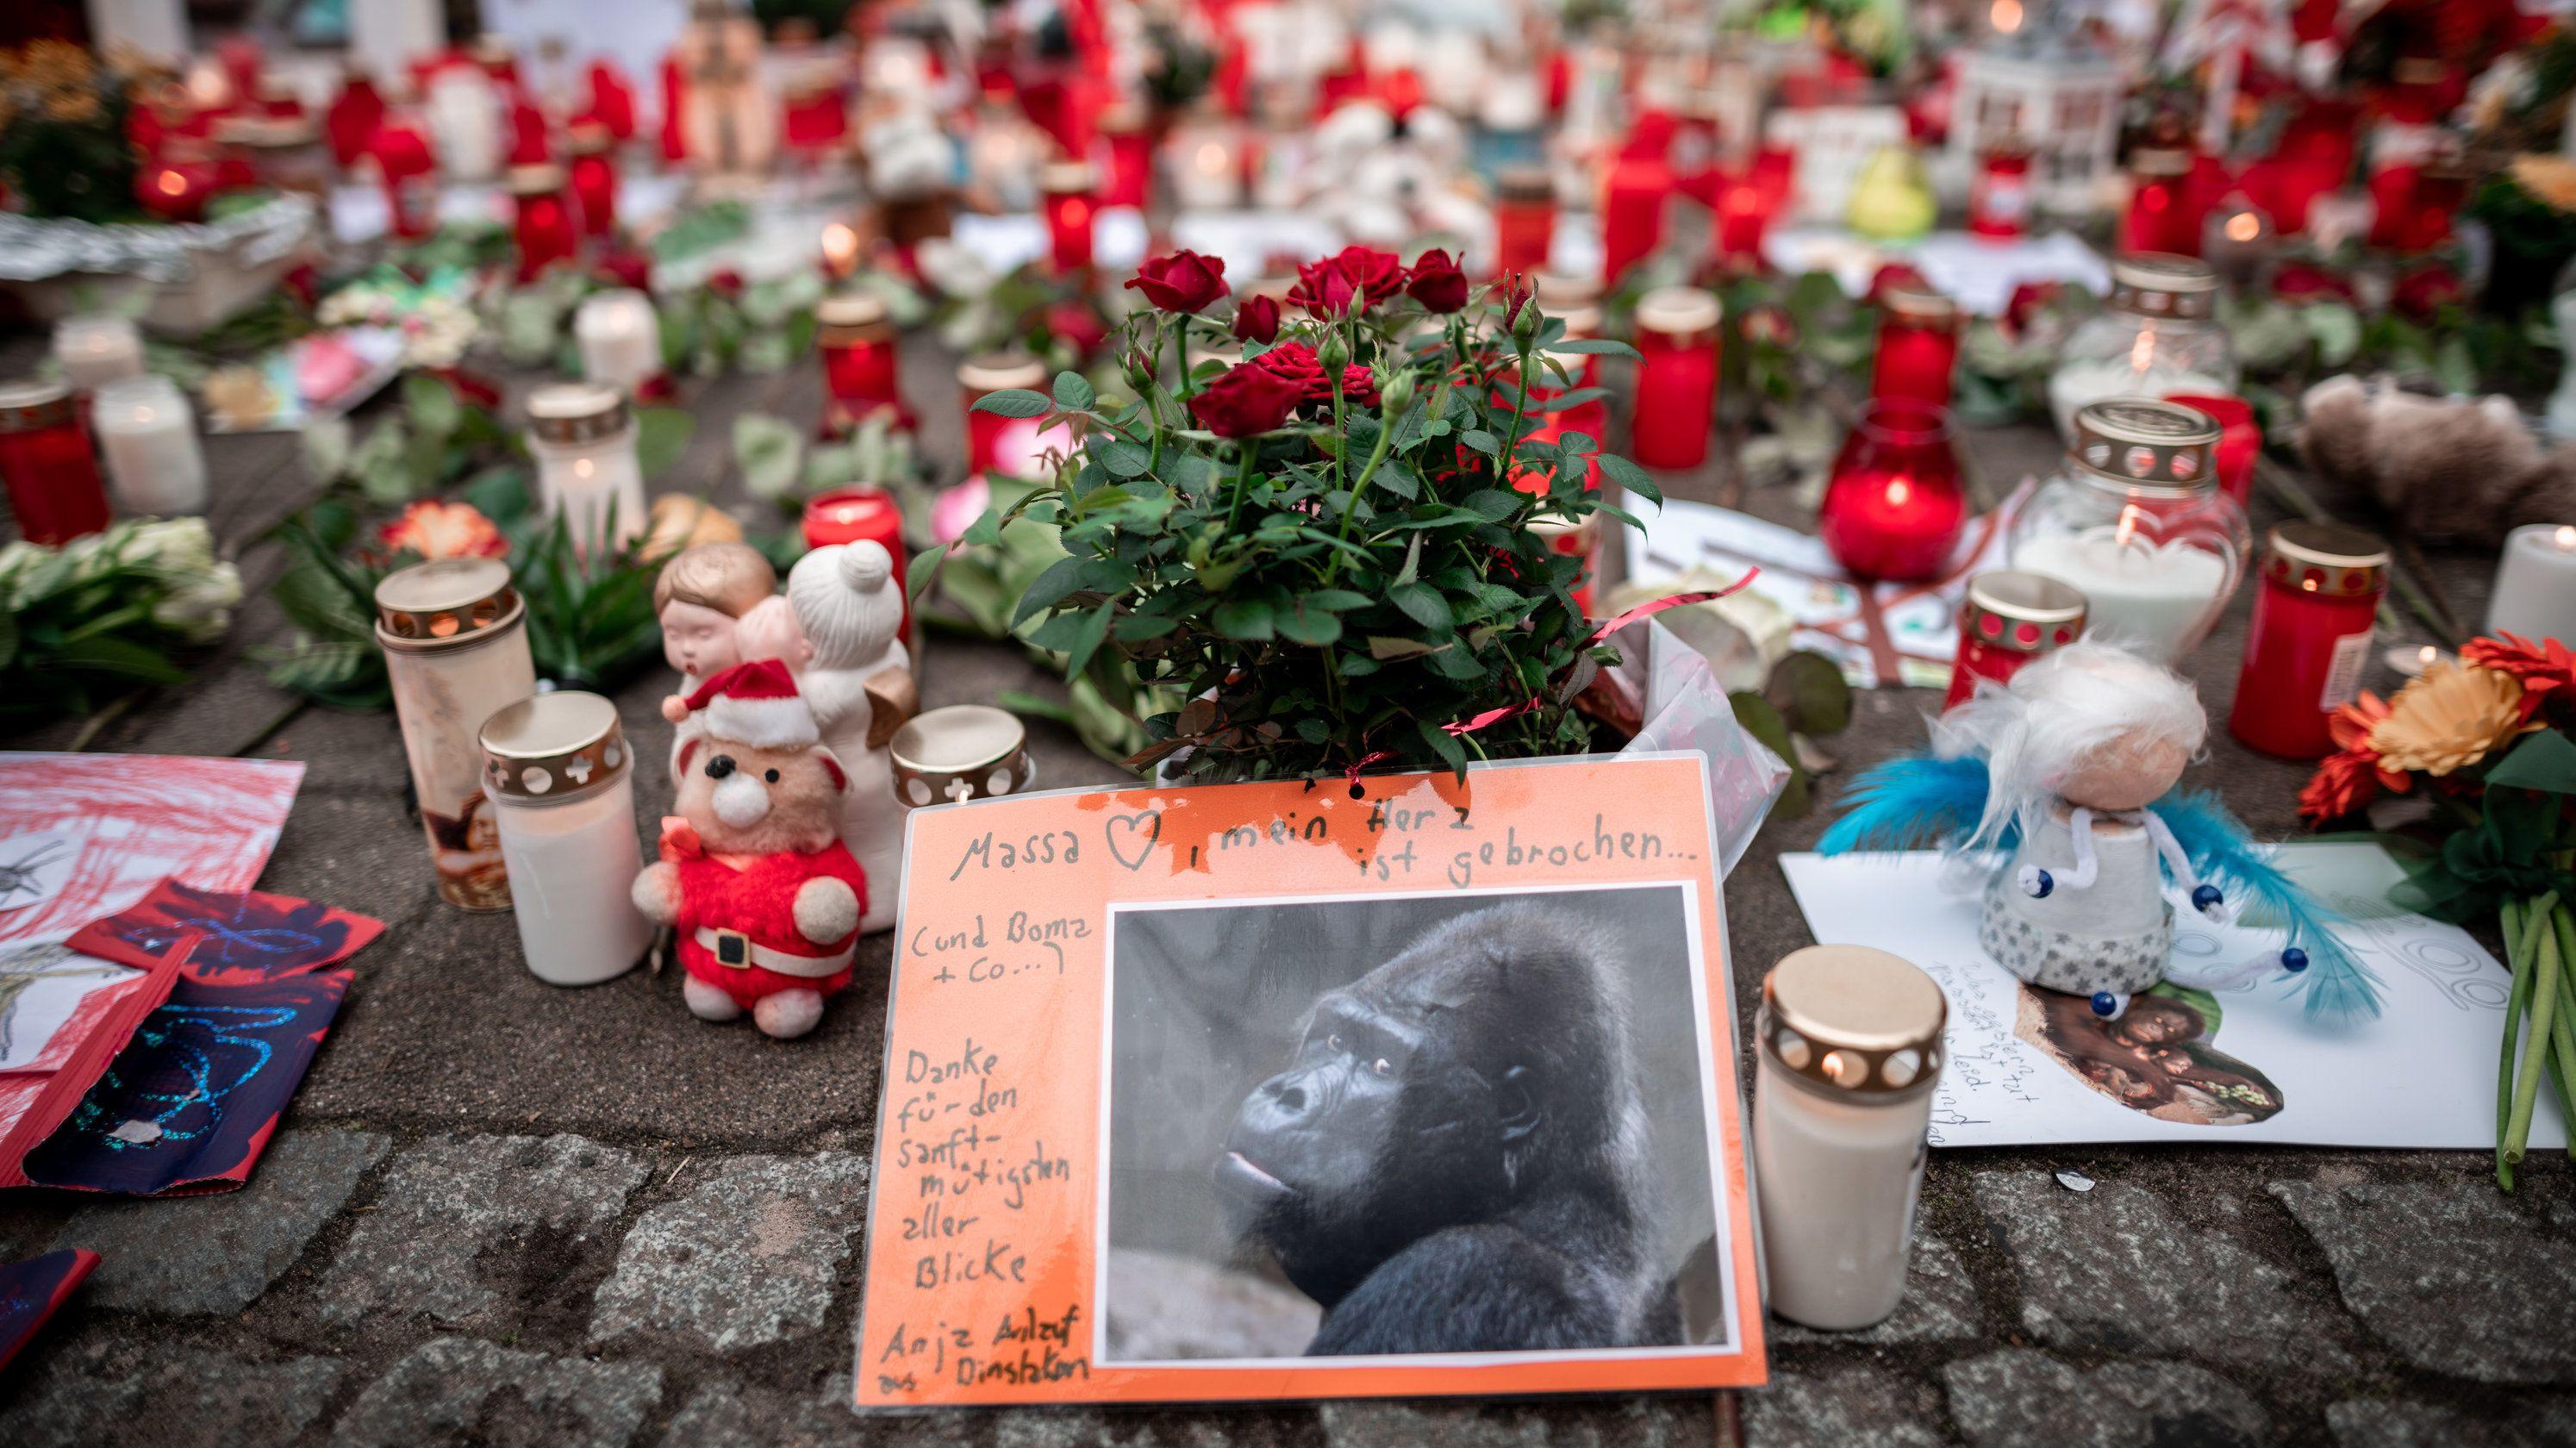 Bild des Gorillas Massa mit Trauerkerzen und Blumen.